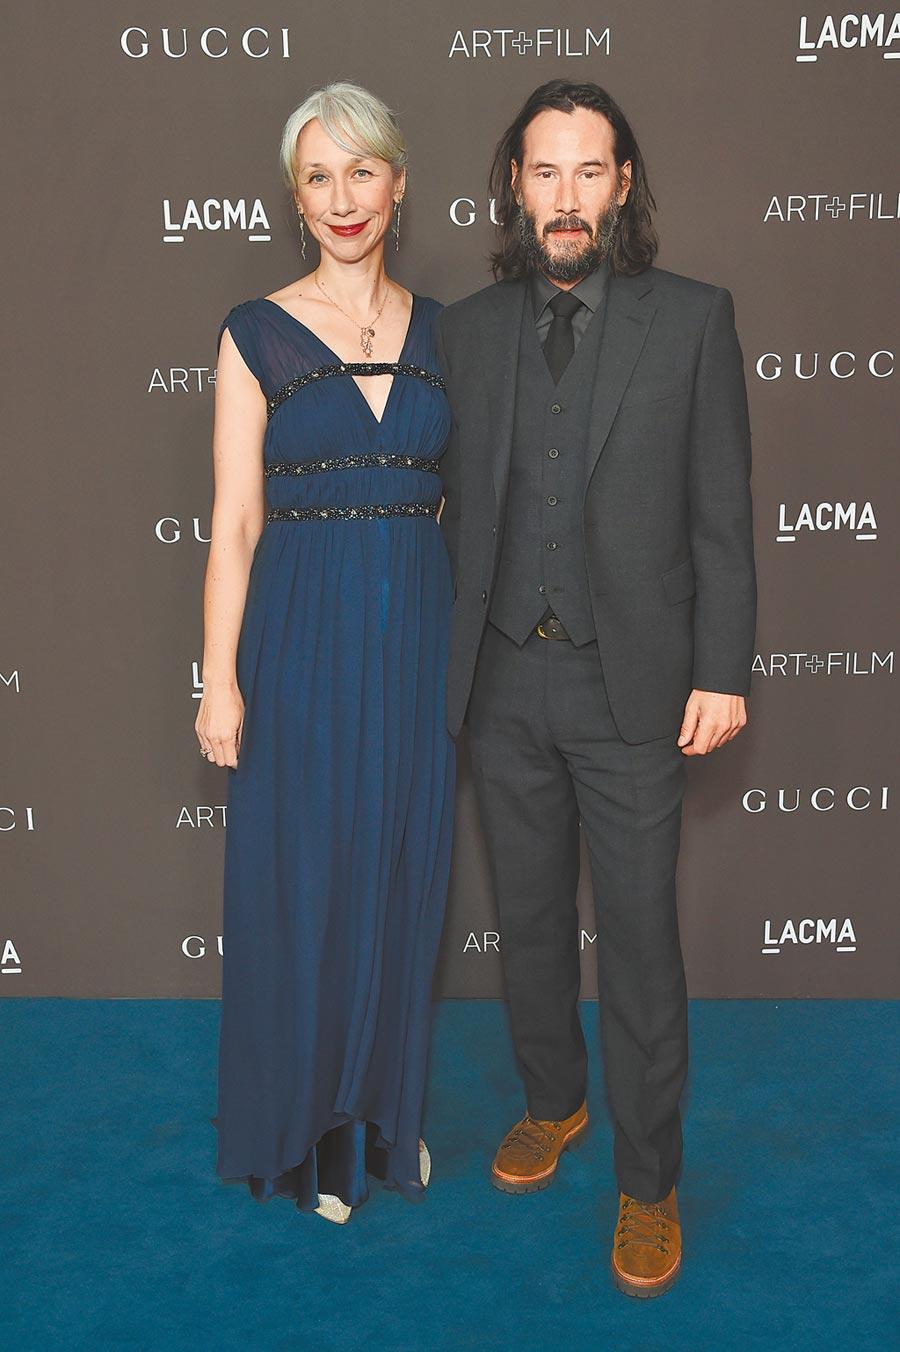 基努李維受邀當頒獎人,舊靴子將走上奧斯卡紅毯,時尚好品味的緋聞女友Alexandra Grant是否一同亮相,也令人期待。(CFP)